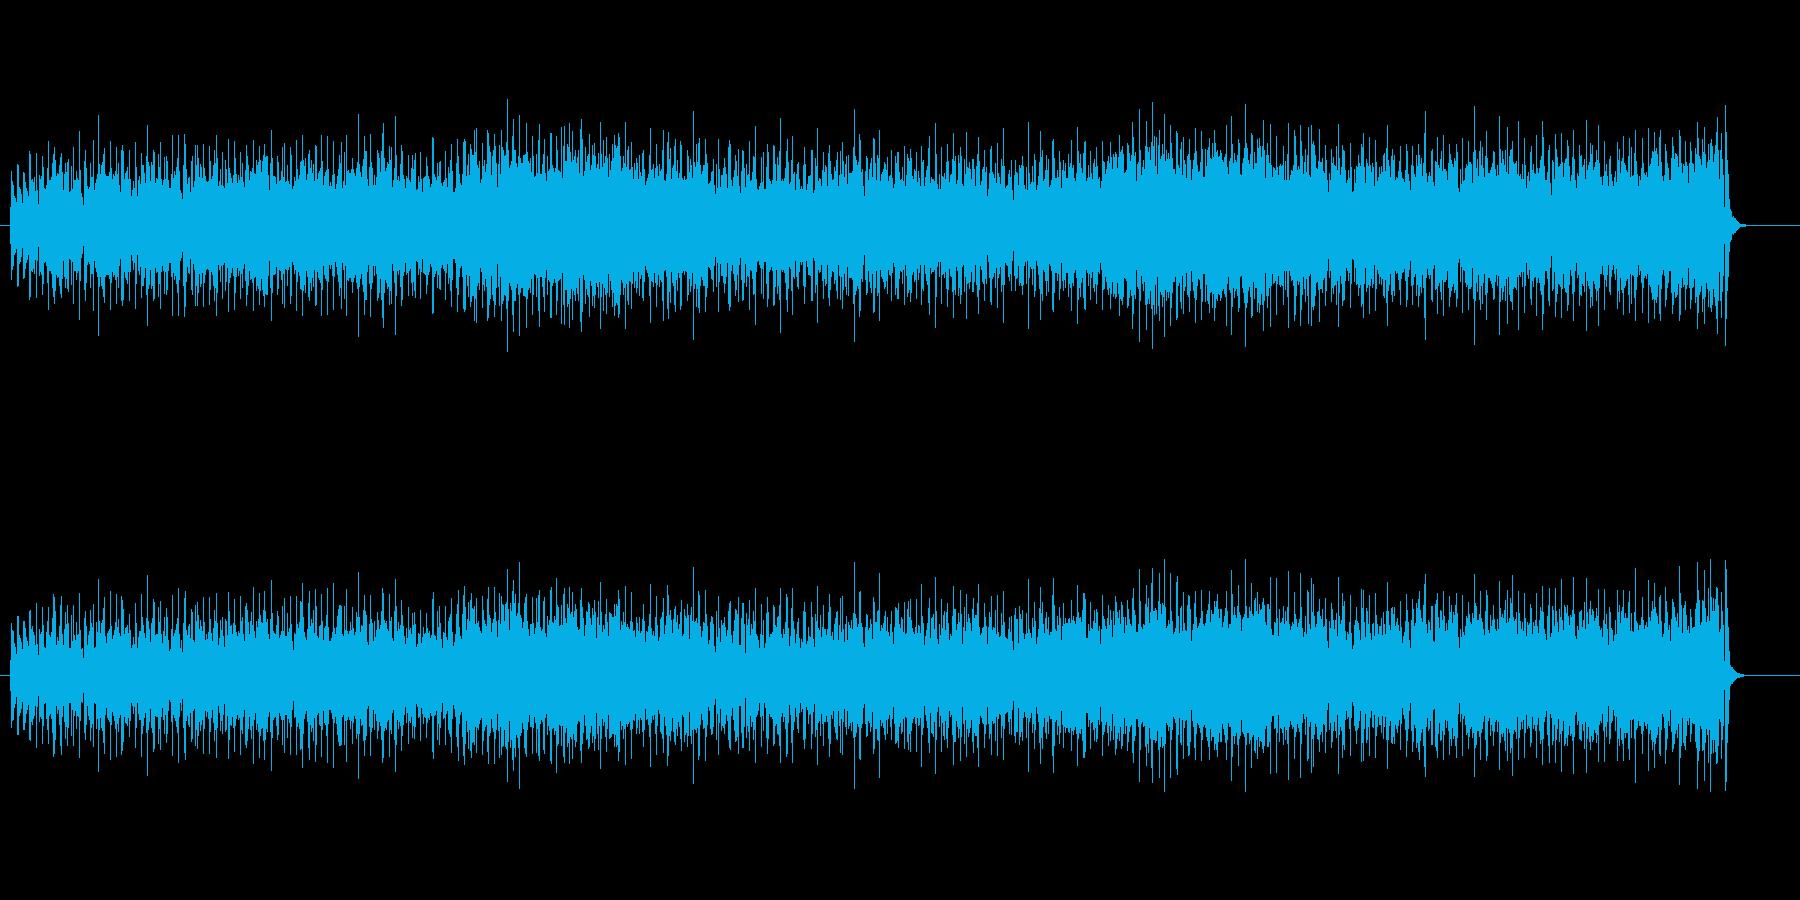 ノリの良いラテン系ニューミュージックの再生済みの波形